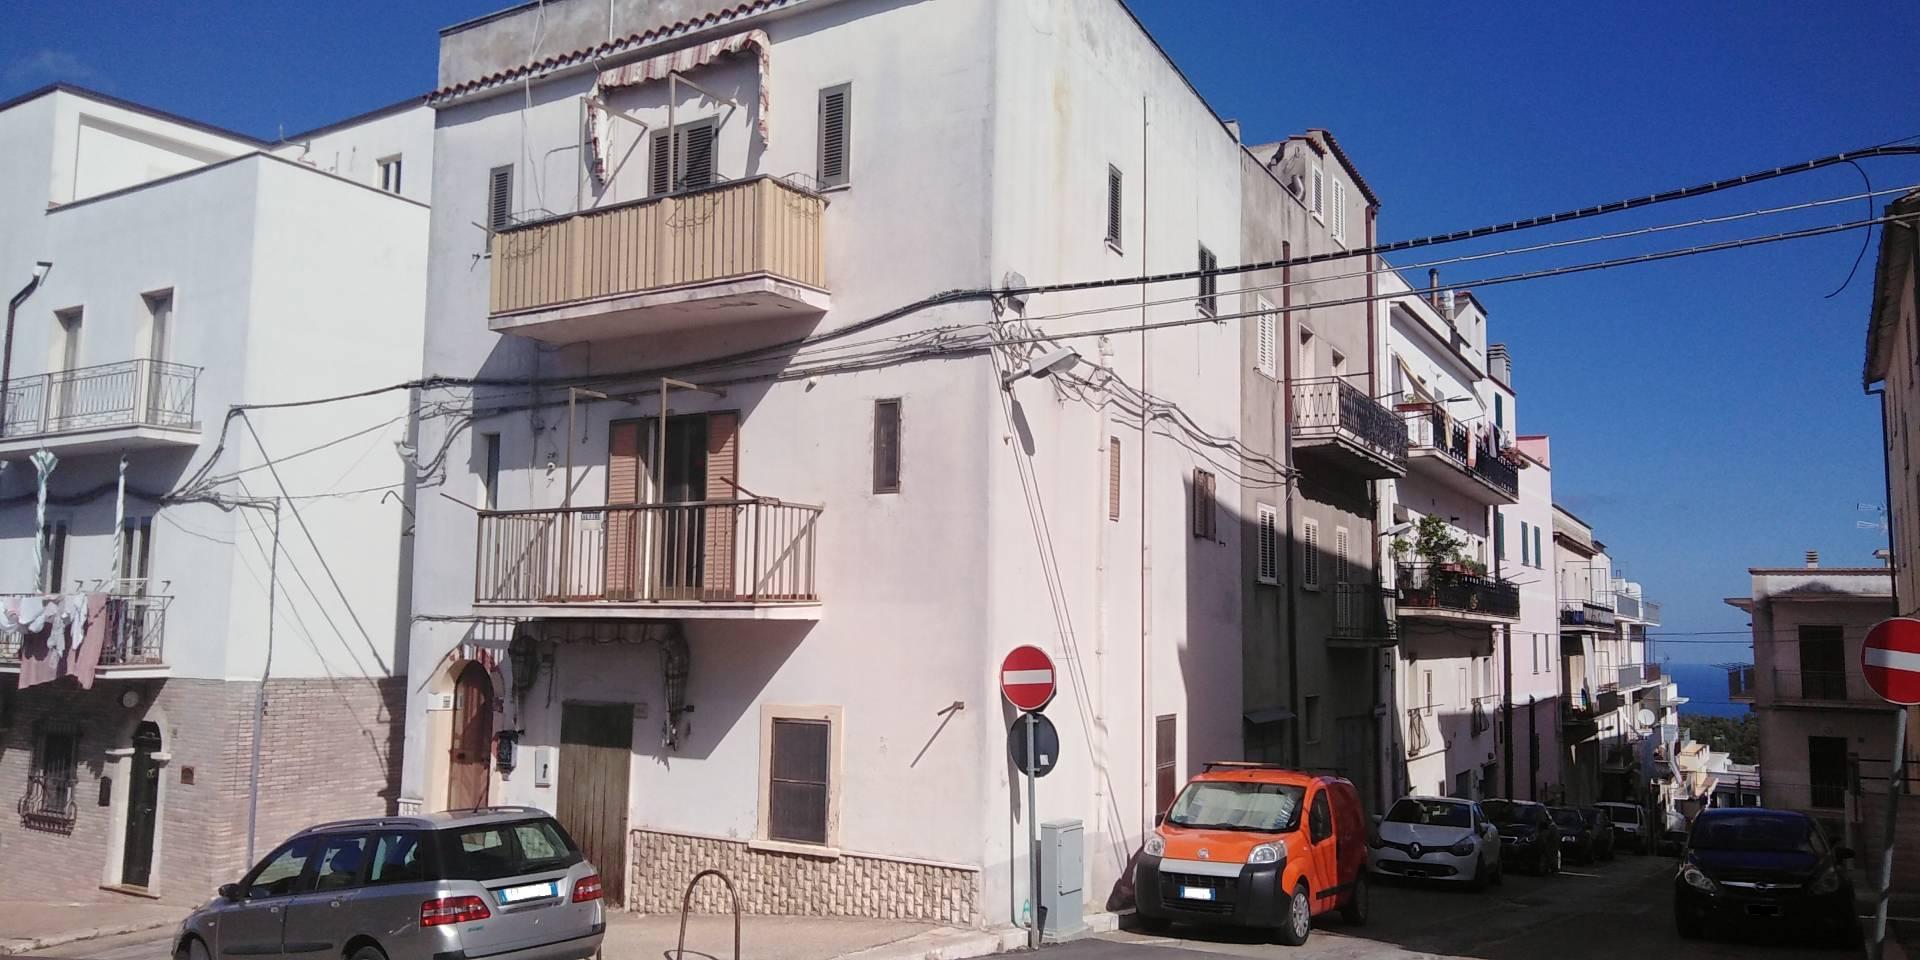 Appartamento in vendita a Ischitella, 3 locali, zona Località: CorsoCesareBattisti, prezzo € 67.000   CambioCasa.it